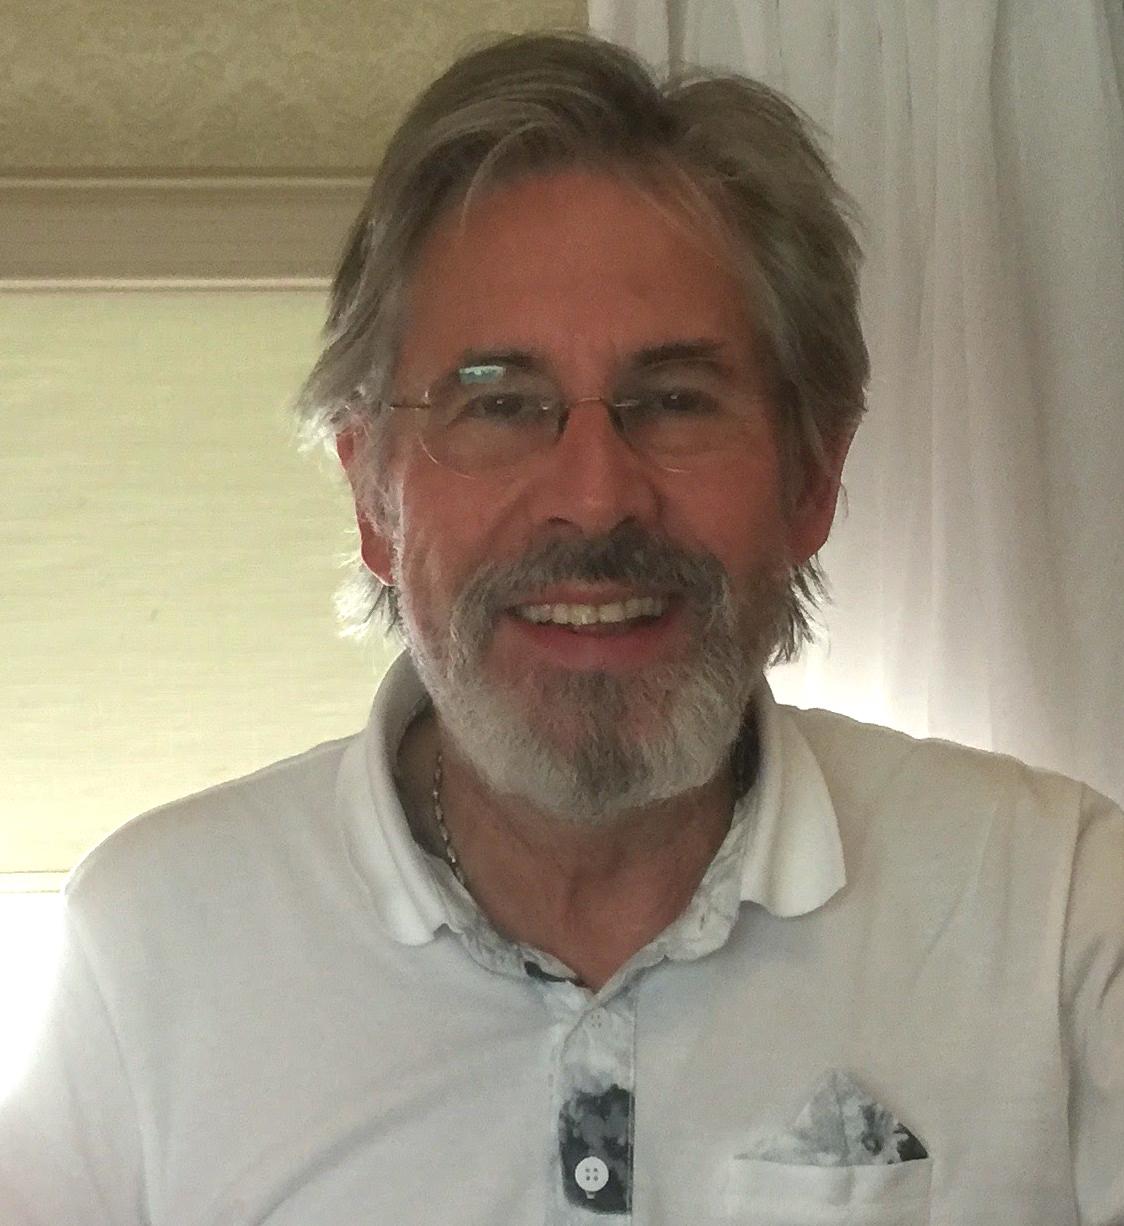 Portrait des Mentaltrainers, MentalCoach Peter